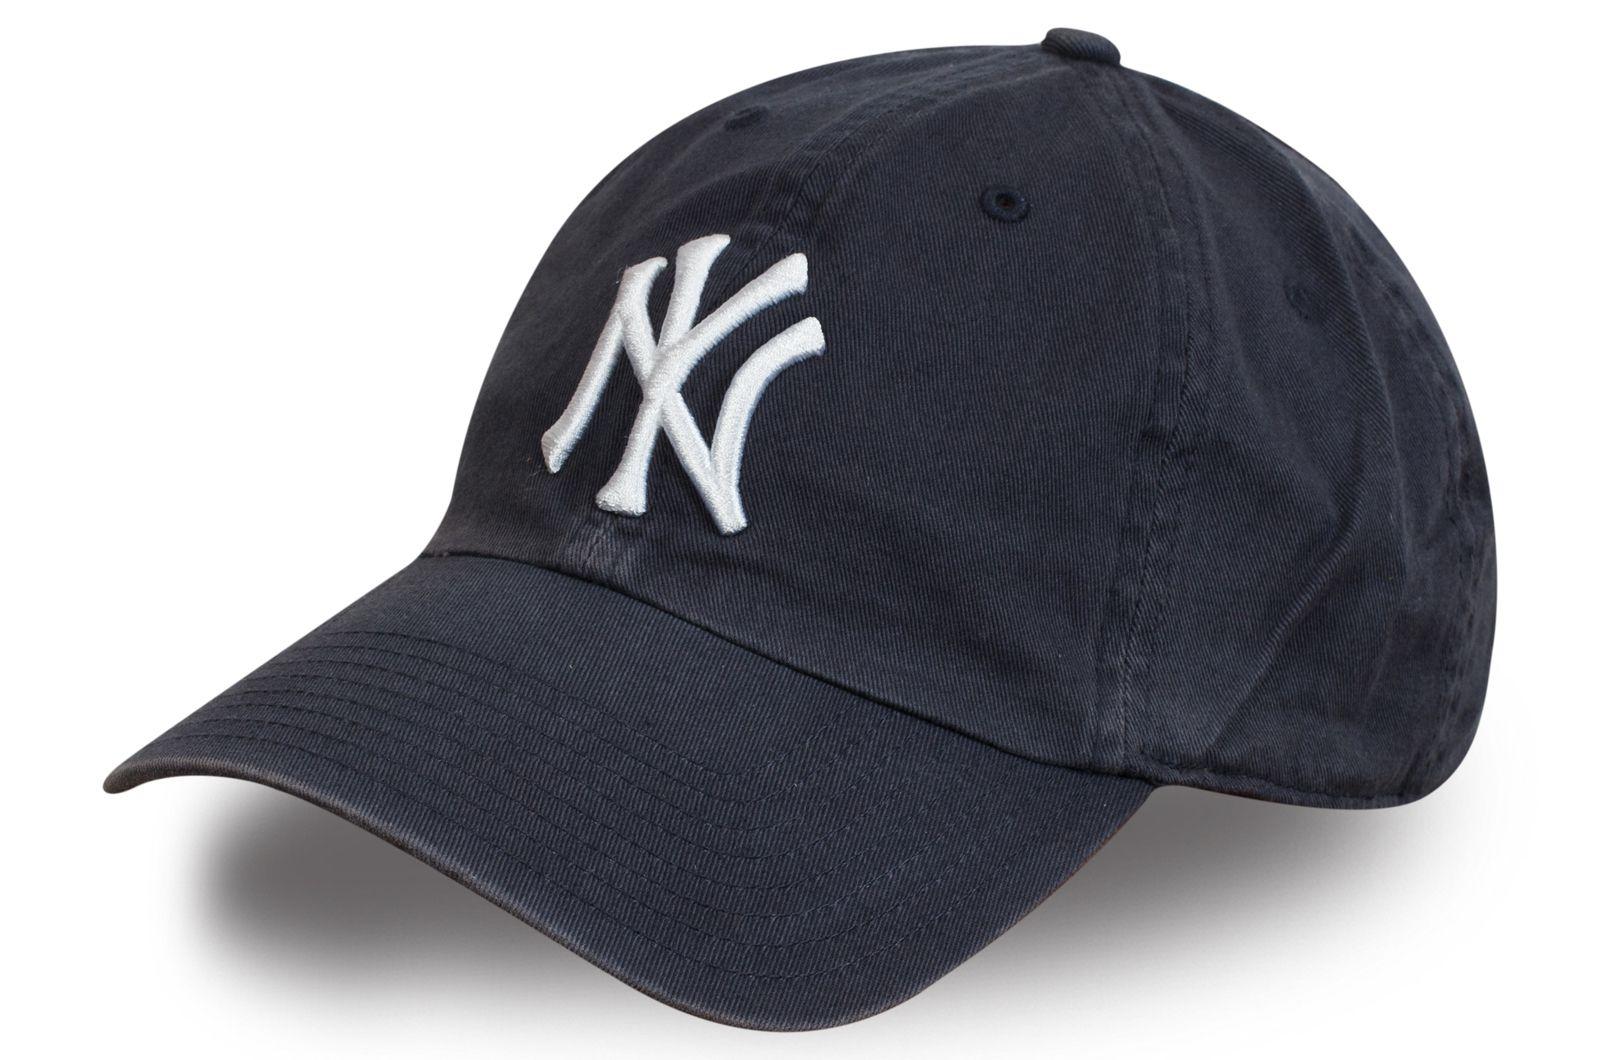 Бейсболка New York Yankees - купить онлайн с доставкой f2799b66445b9